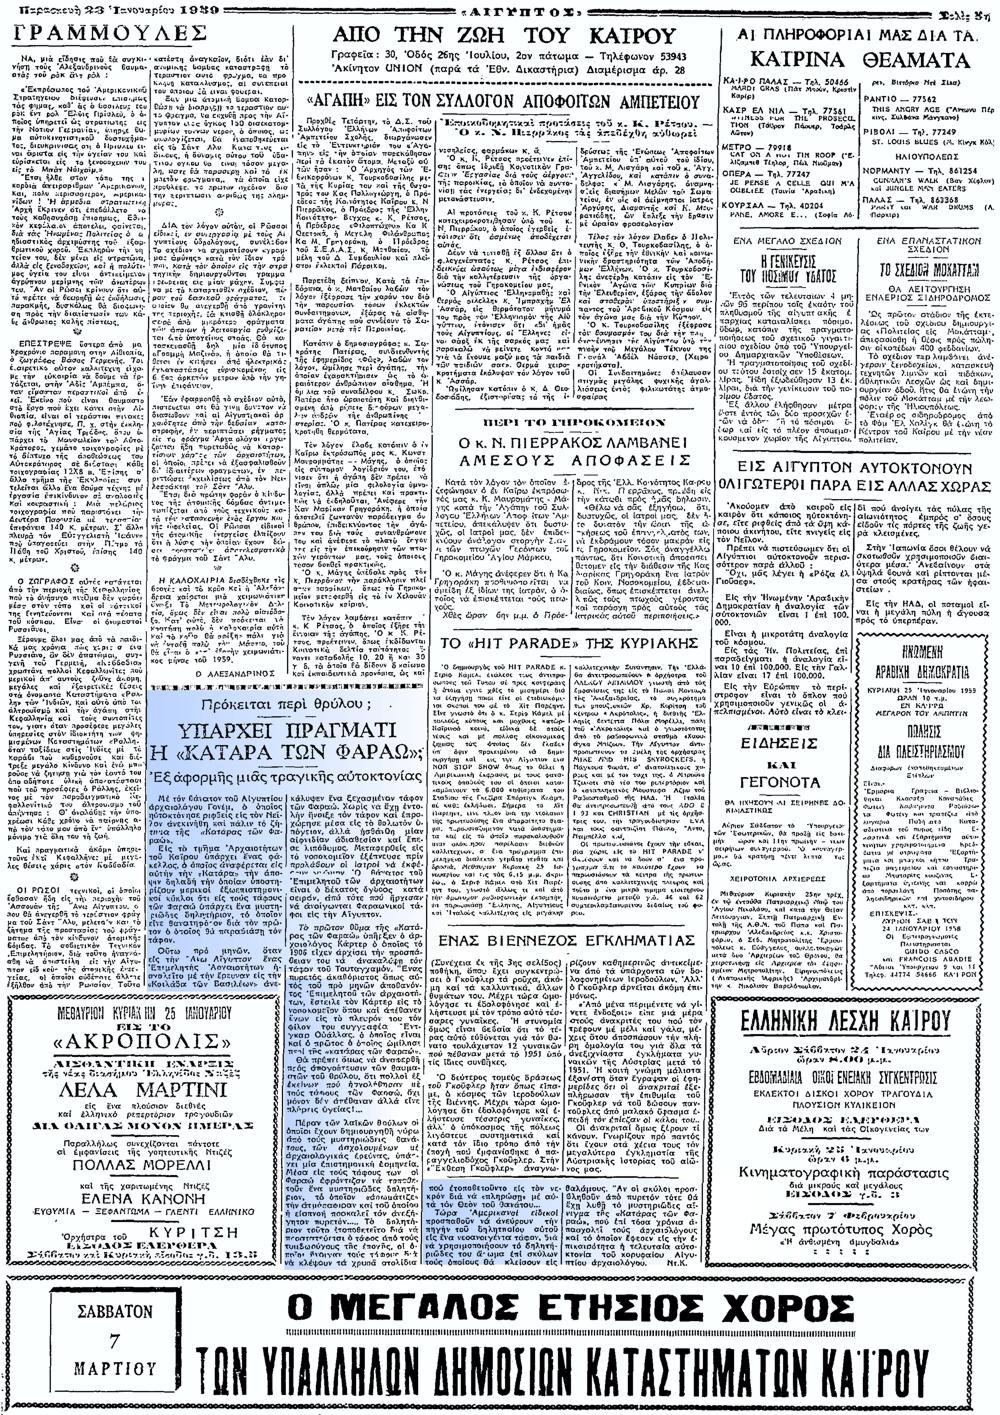 """Το άρθρο, όπως δημοσιεύθηκε στην εφημερίδα """"ΤΑΧΥΔΡΟΜΟΣ"""", στις 23/01/1959"""